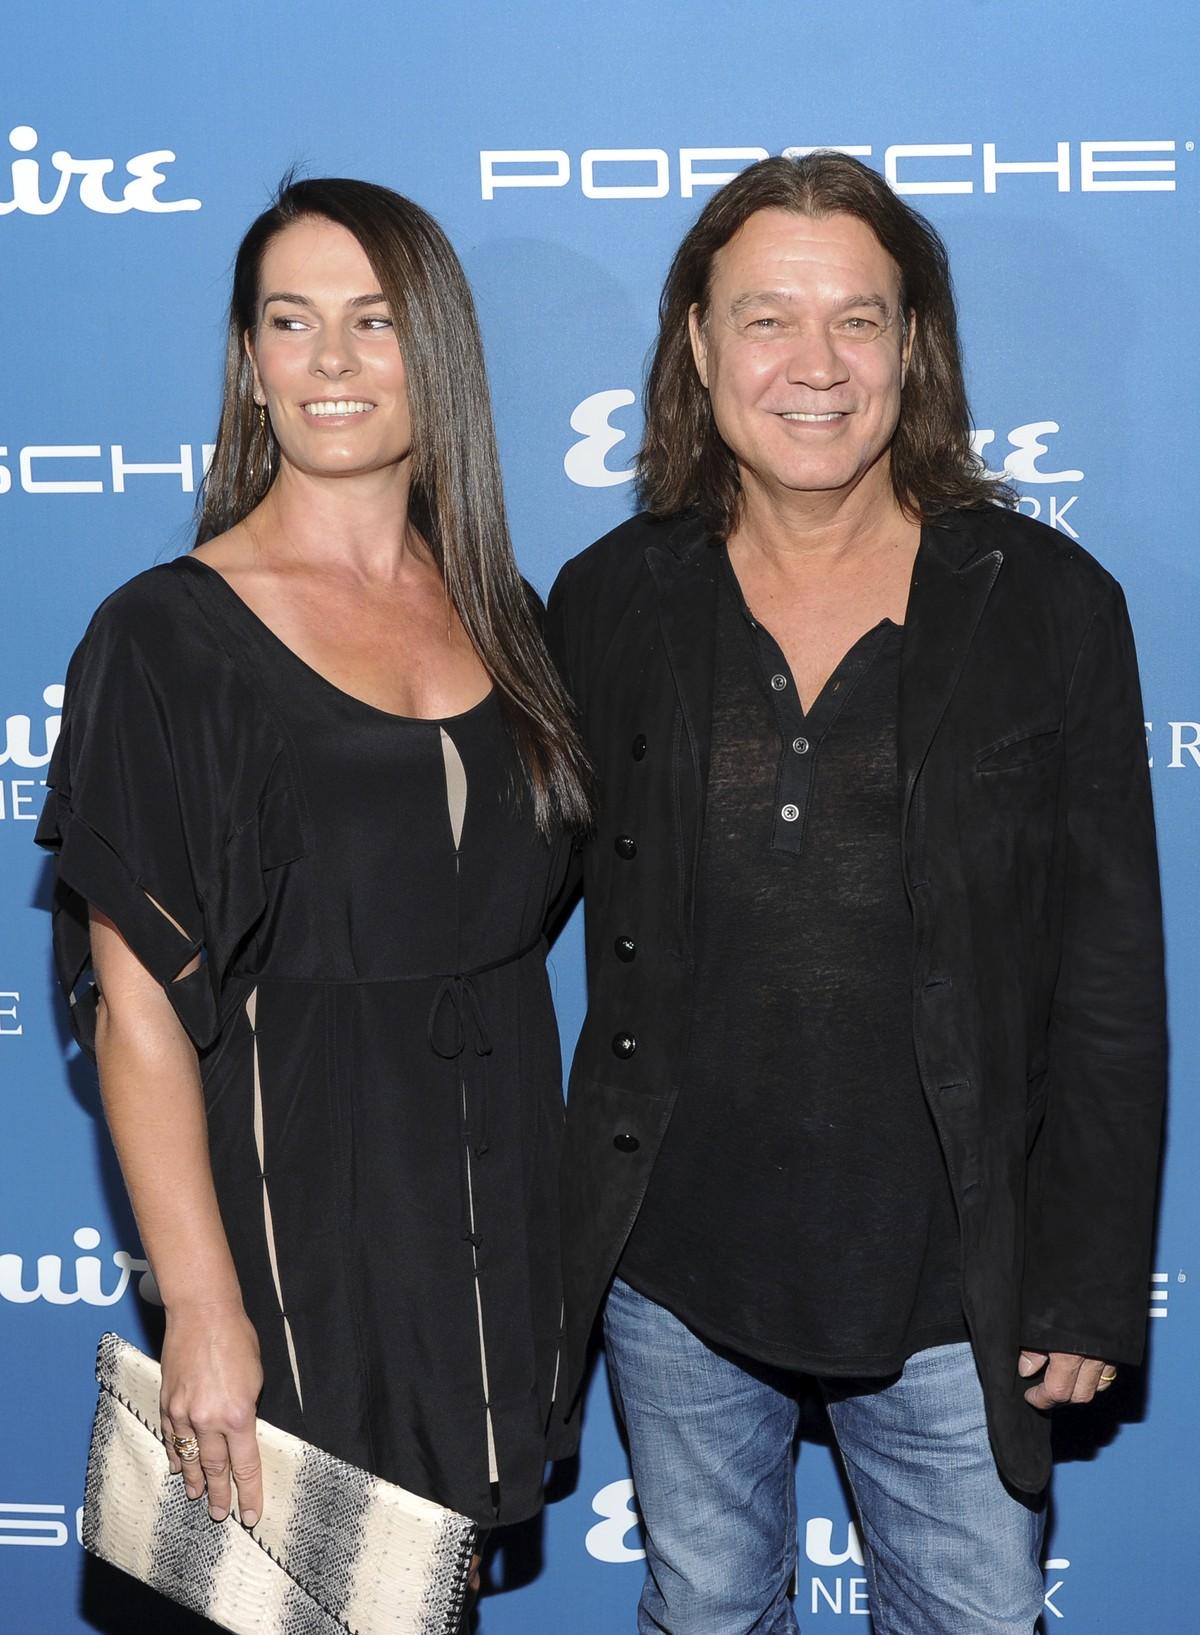 Viúva de Eddie Van Halen presta homenagem ao guitarrista: 'Conexão e amor serão para sempre' | Música